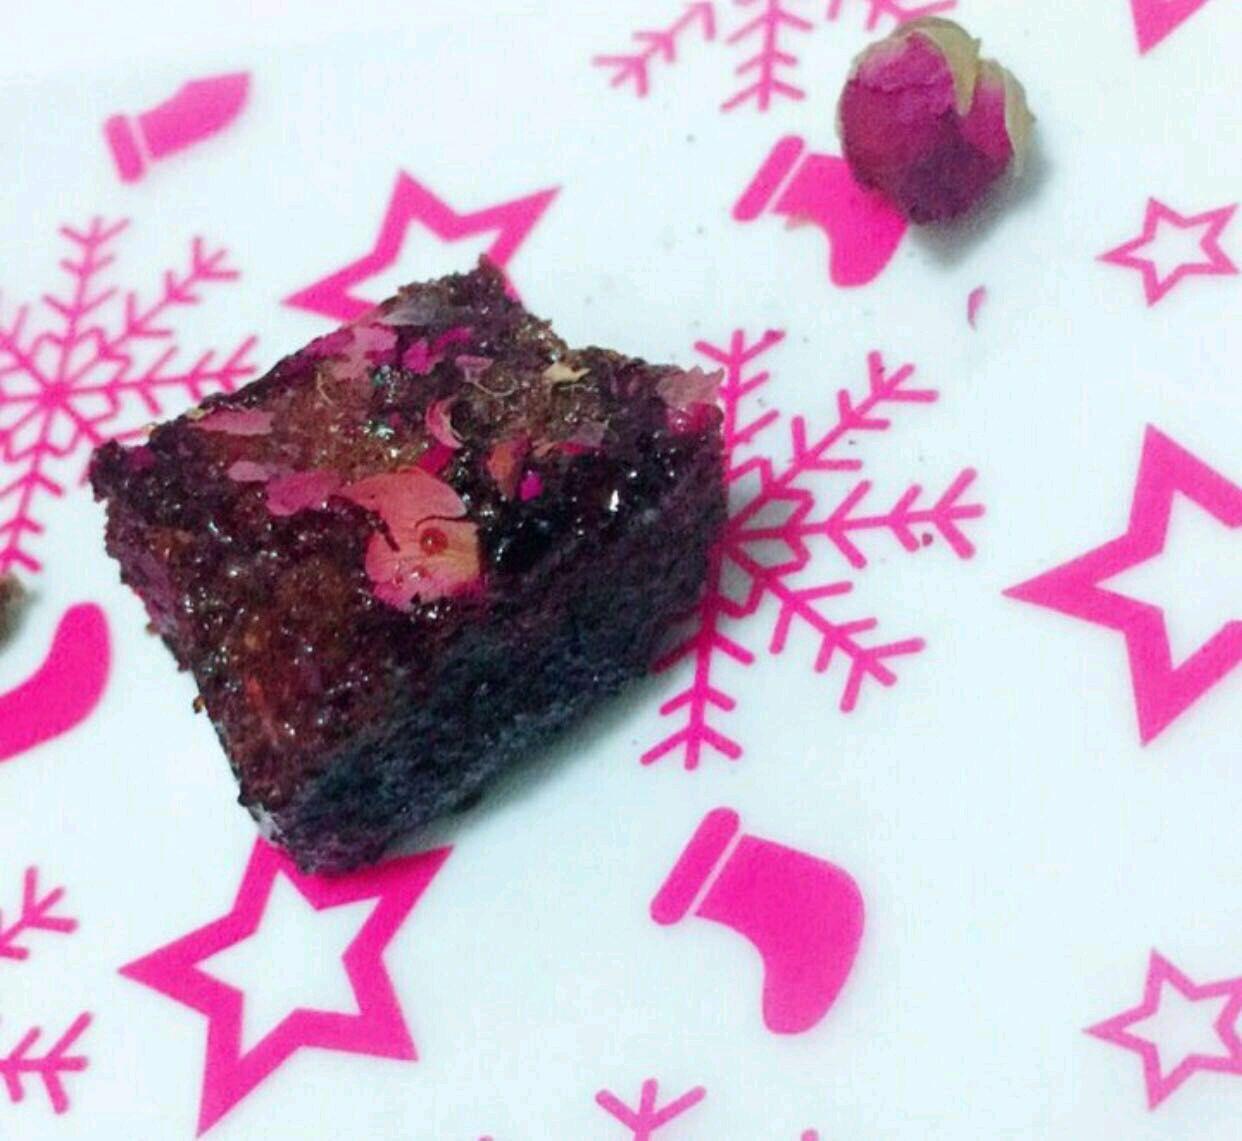 美容养颜玫瑰糖的做法图解8